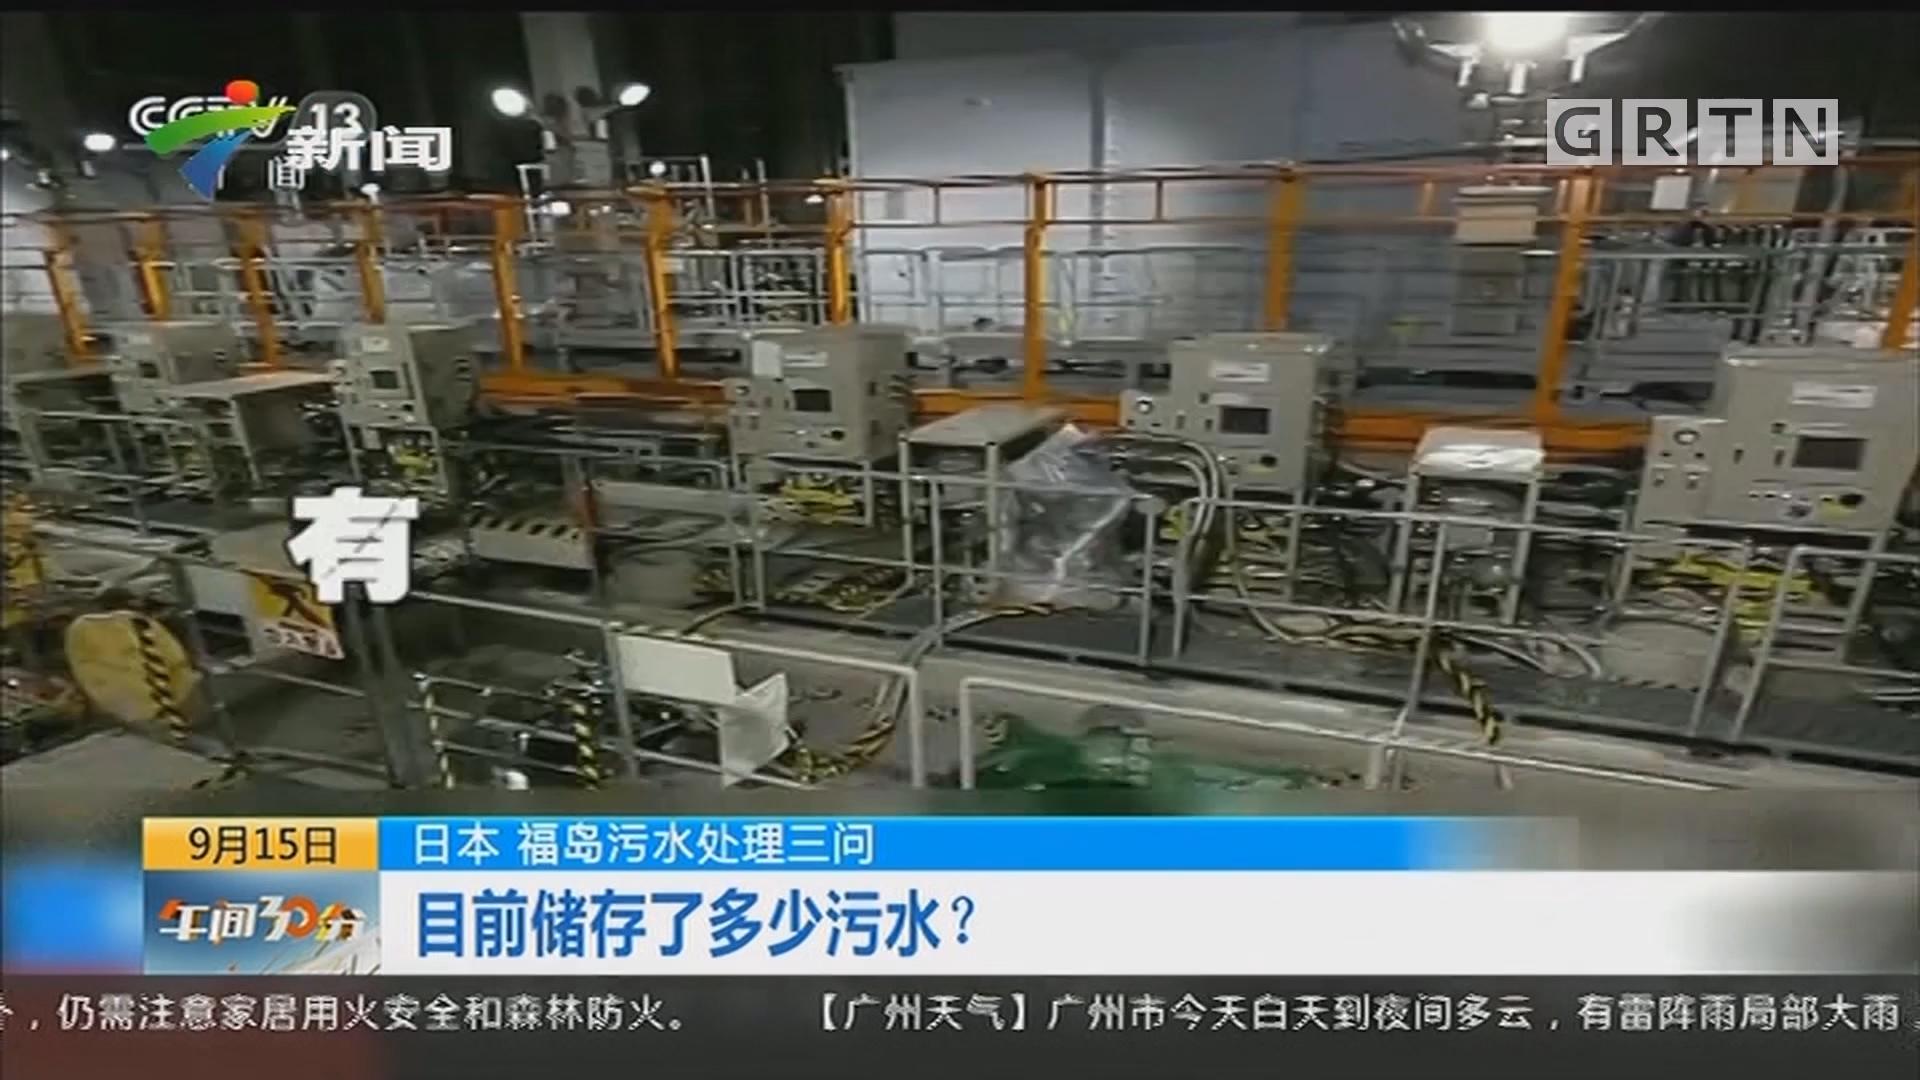 日本 福岛污水处理三问:污水入海 危害几何?